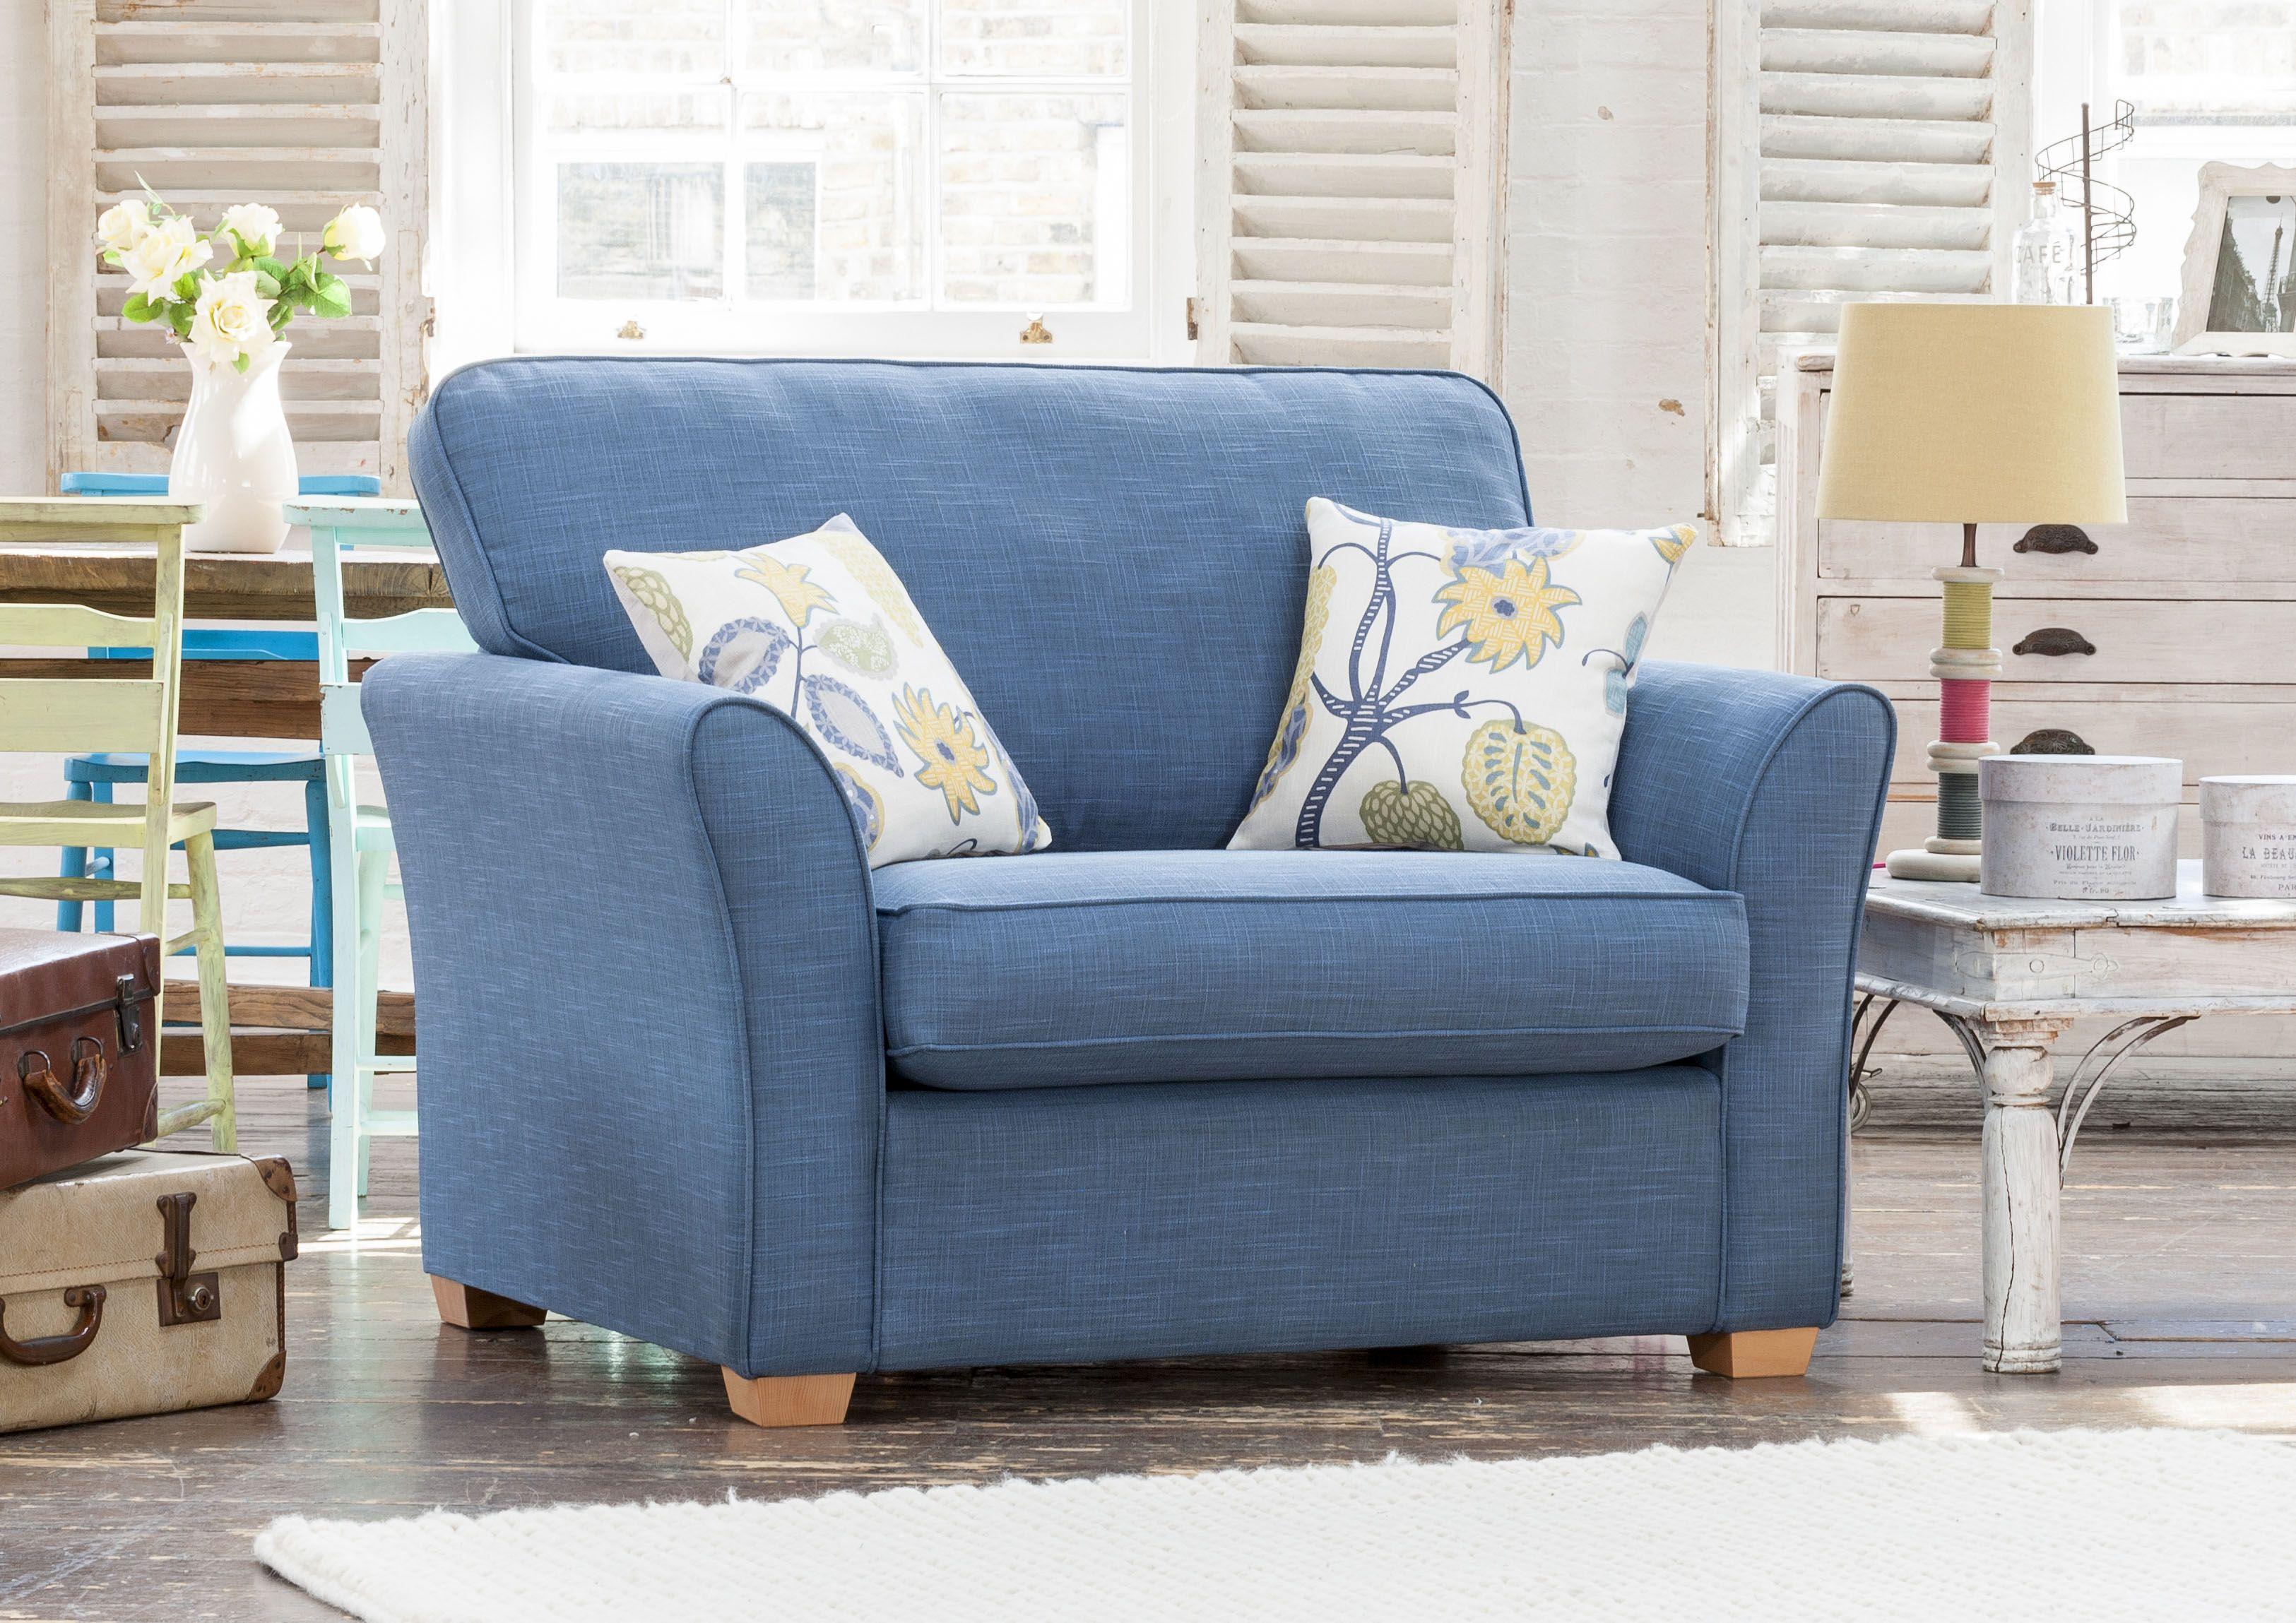 Padbury Sofa Bed Chair bed, Sofa, Sofa bed mattress